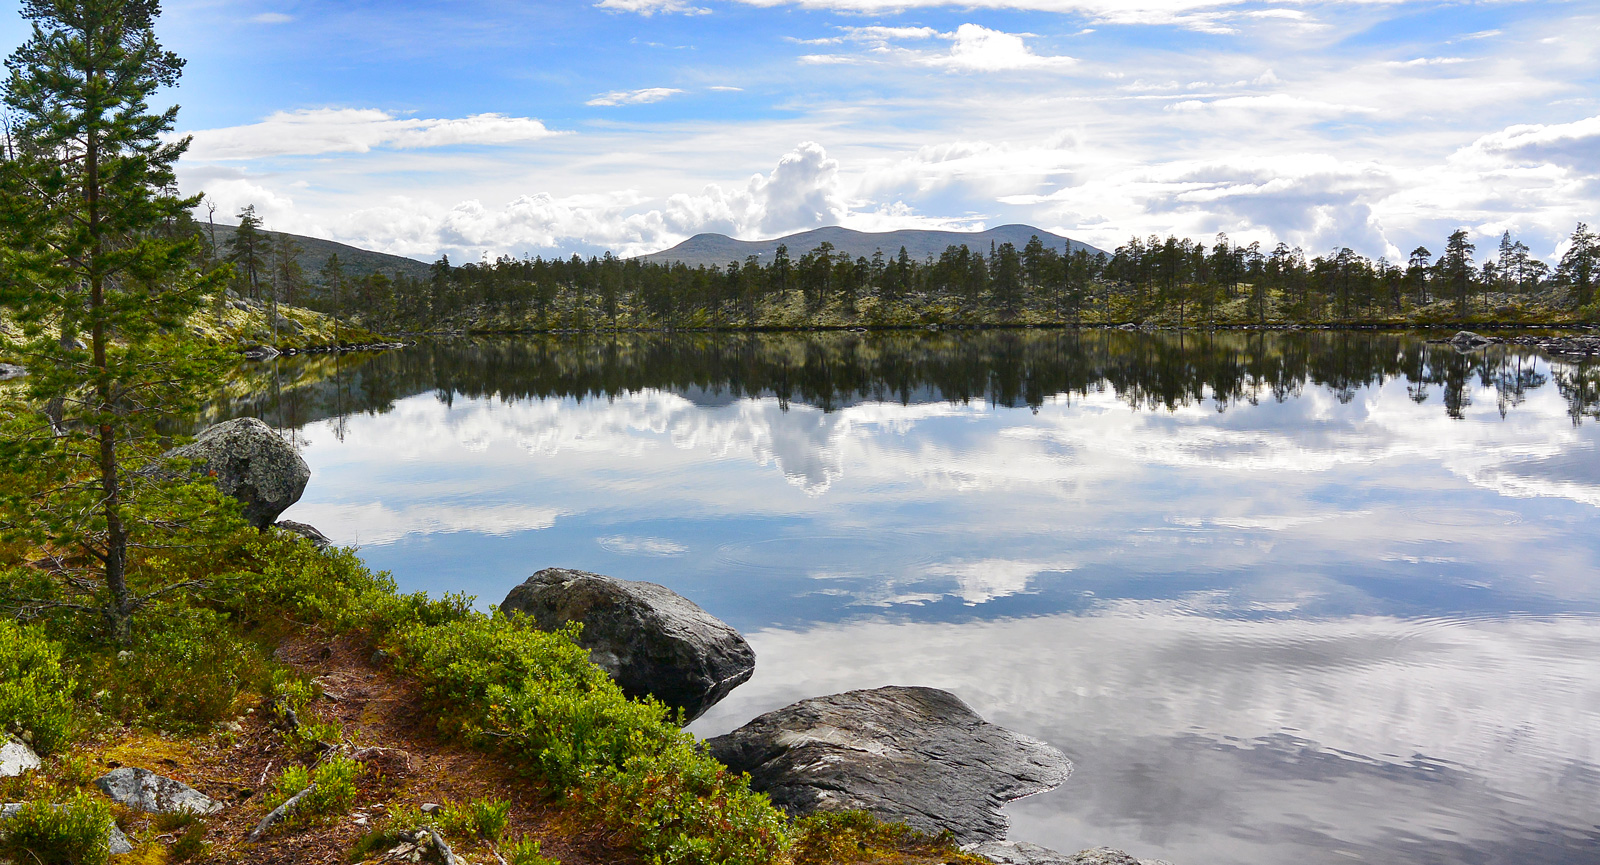 Skog, spegelblanka sjöar och fjäll i fjärran. Det är vandring vid Grövelsjön det!